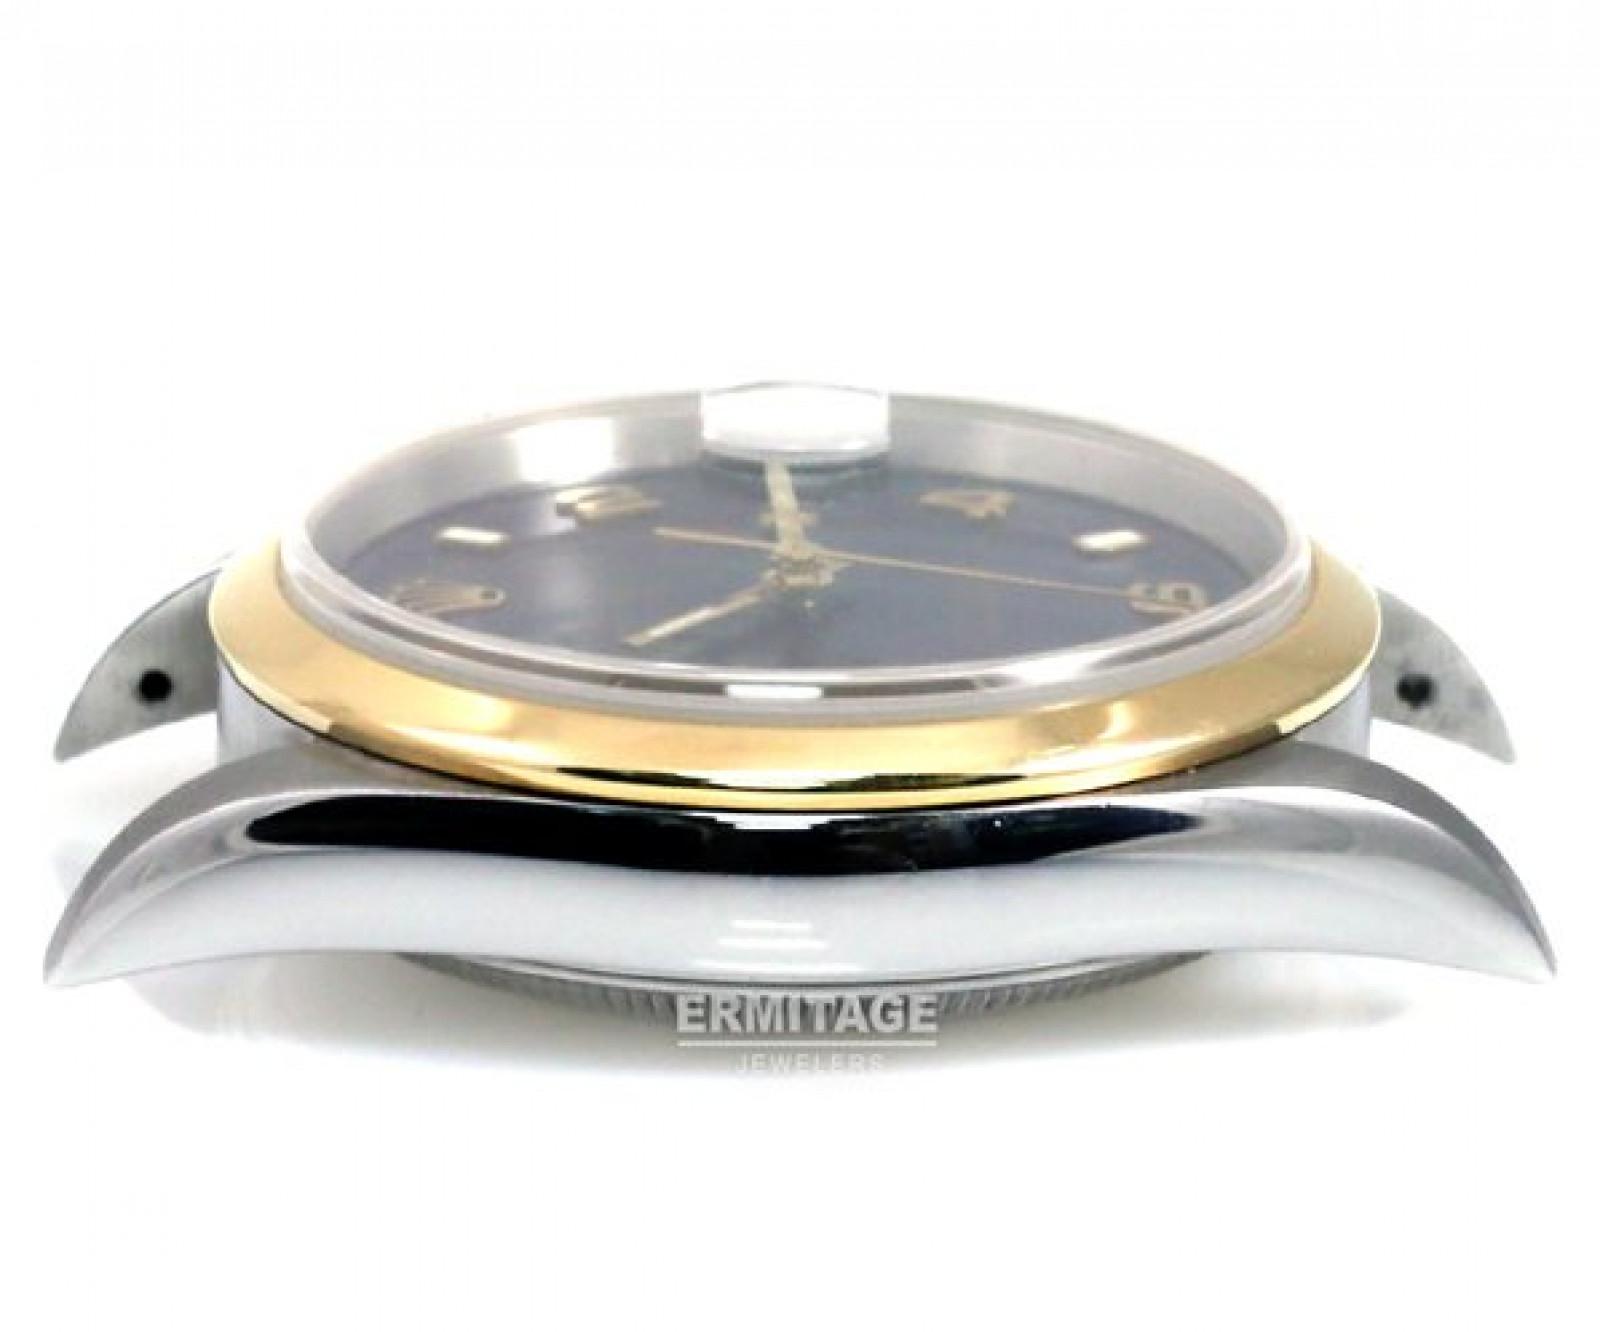 Rolex Date 15203 Gold & Steel Year 2003